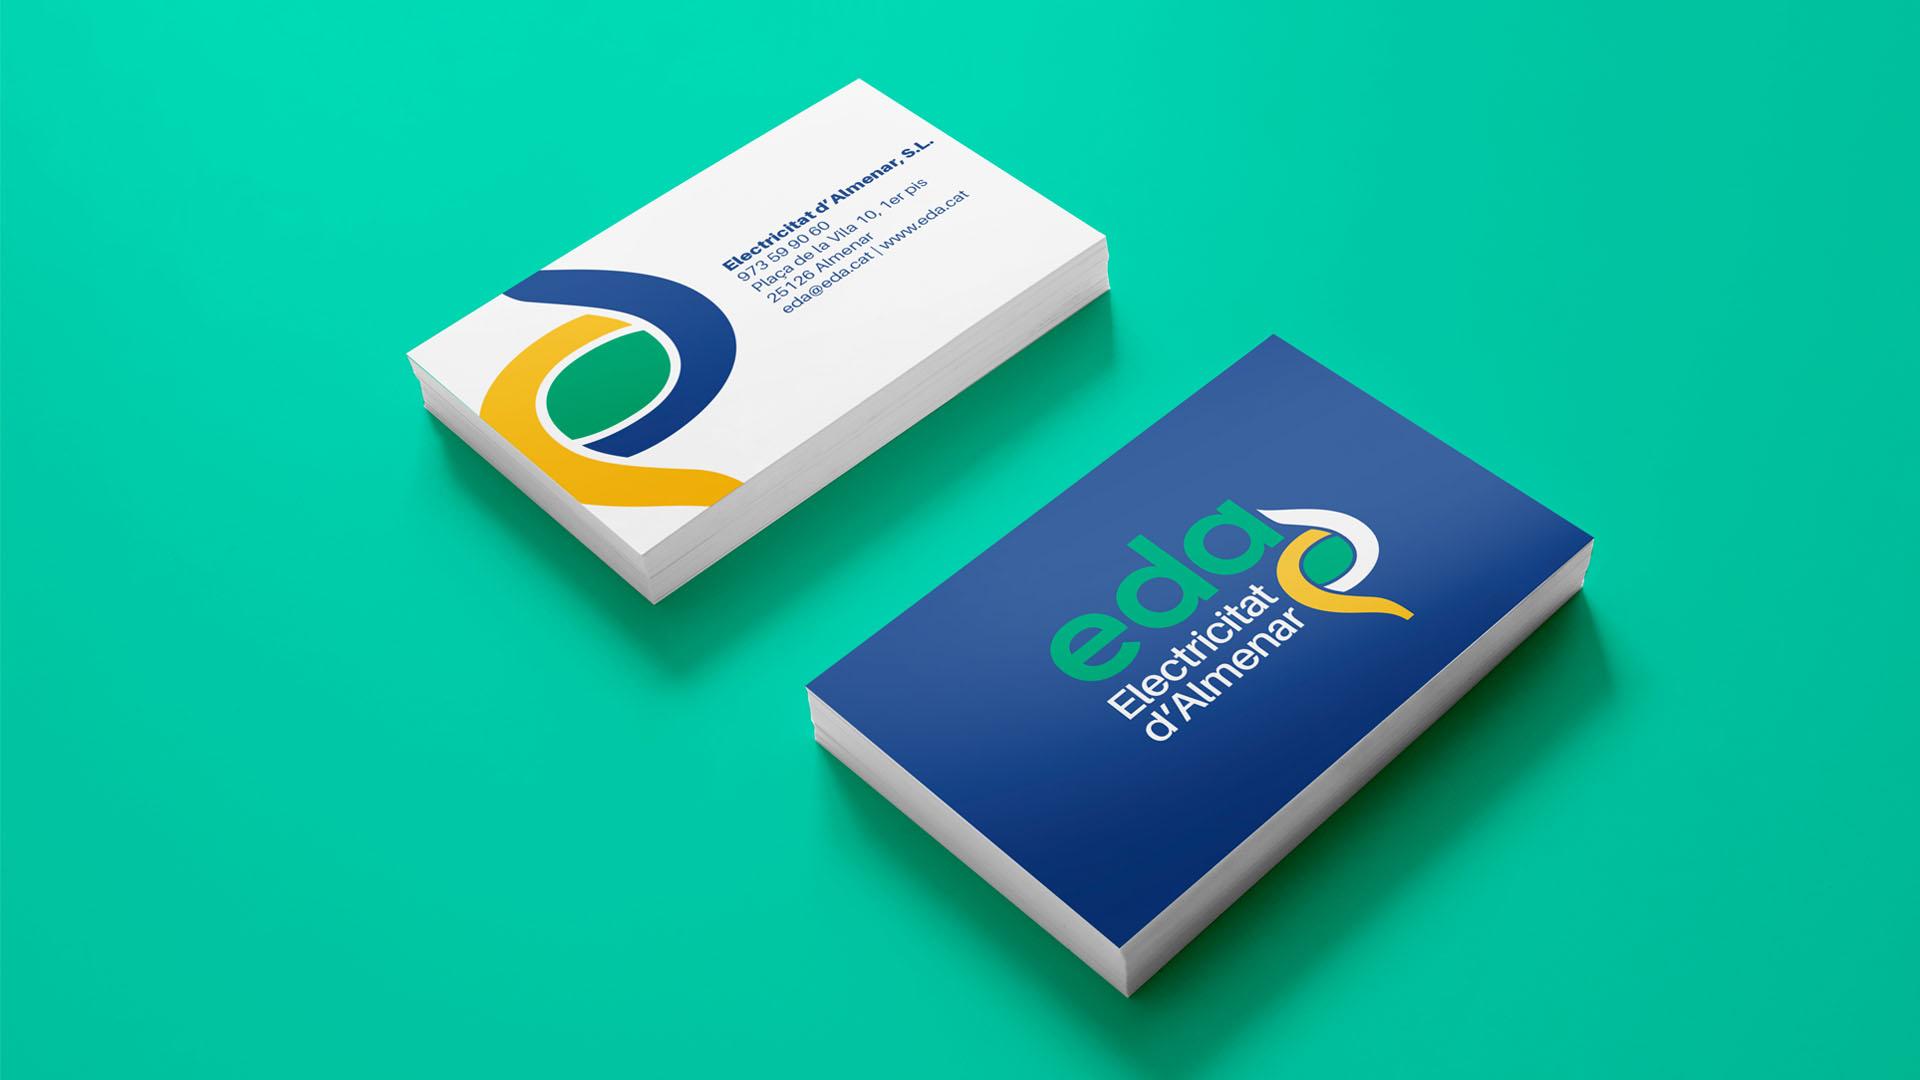 Siclick comunicació gràfica i disseny gràfic a barcelona